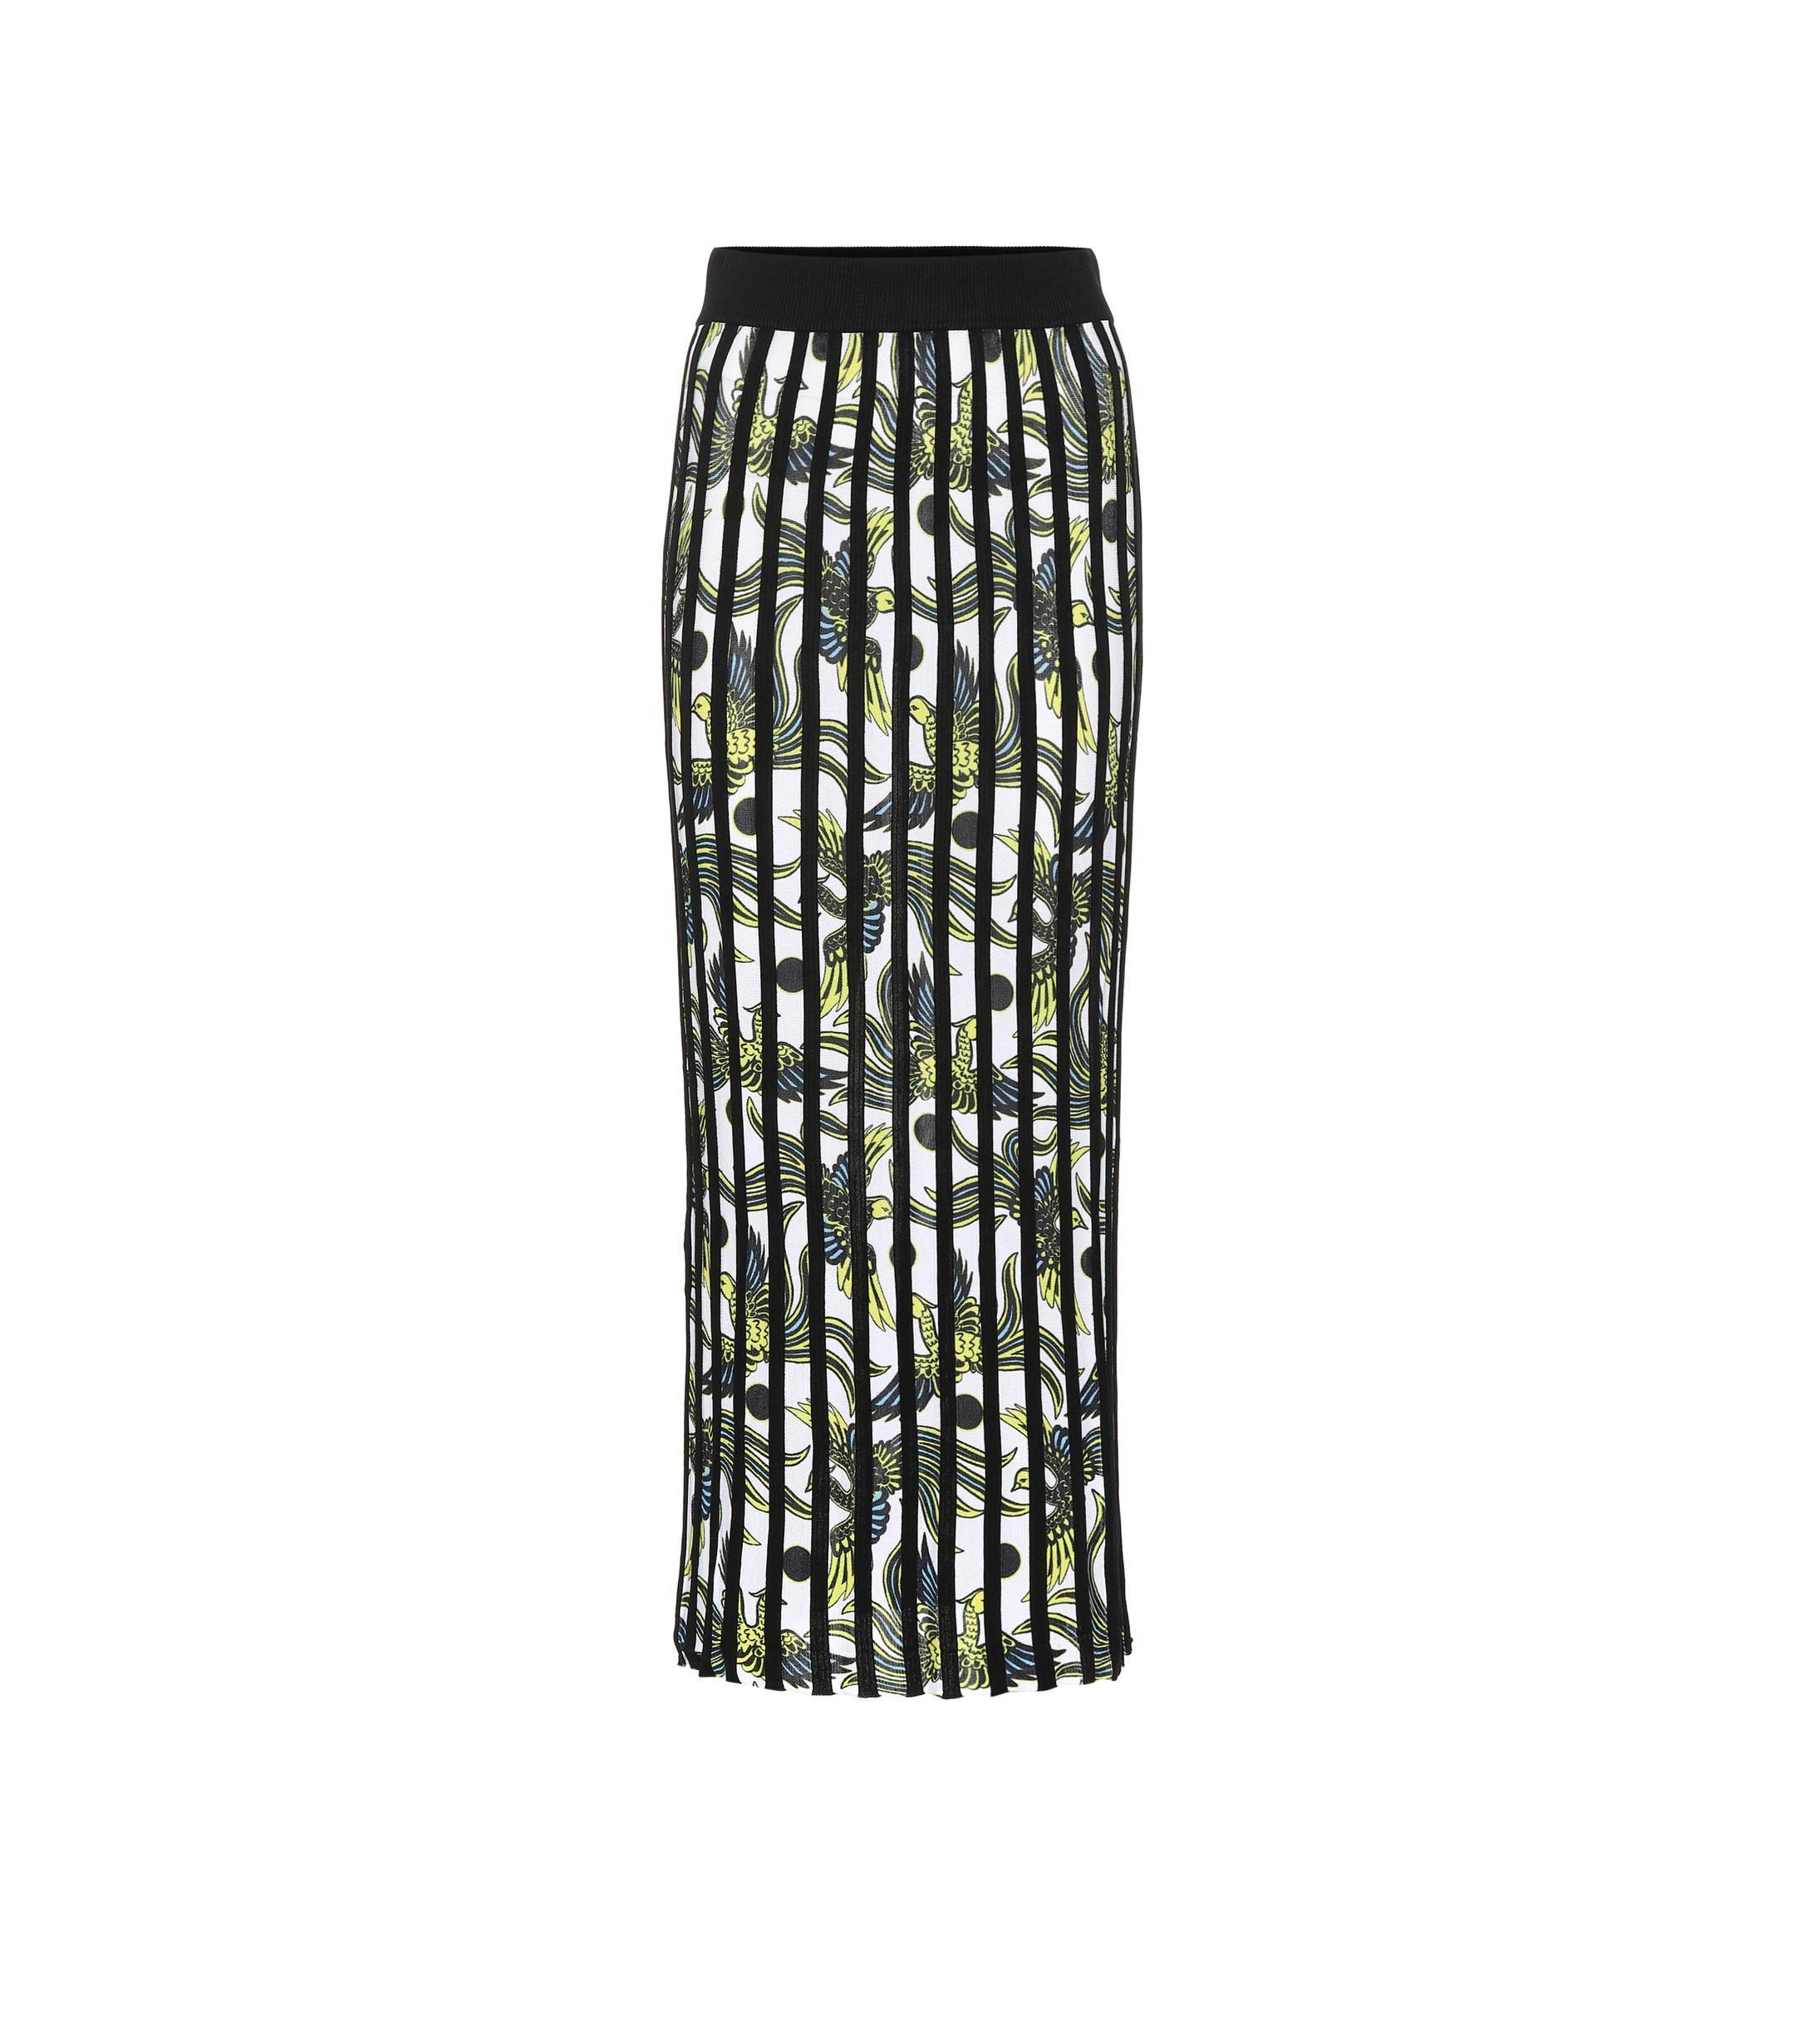 6d727300d Kenzo Striped Midi Skirt in White - Lyst